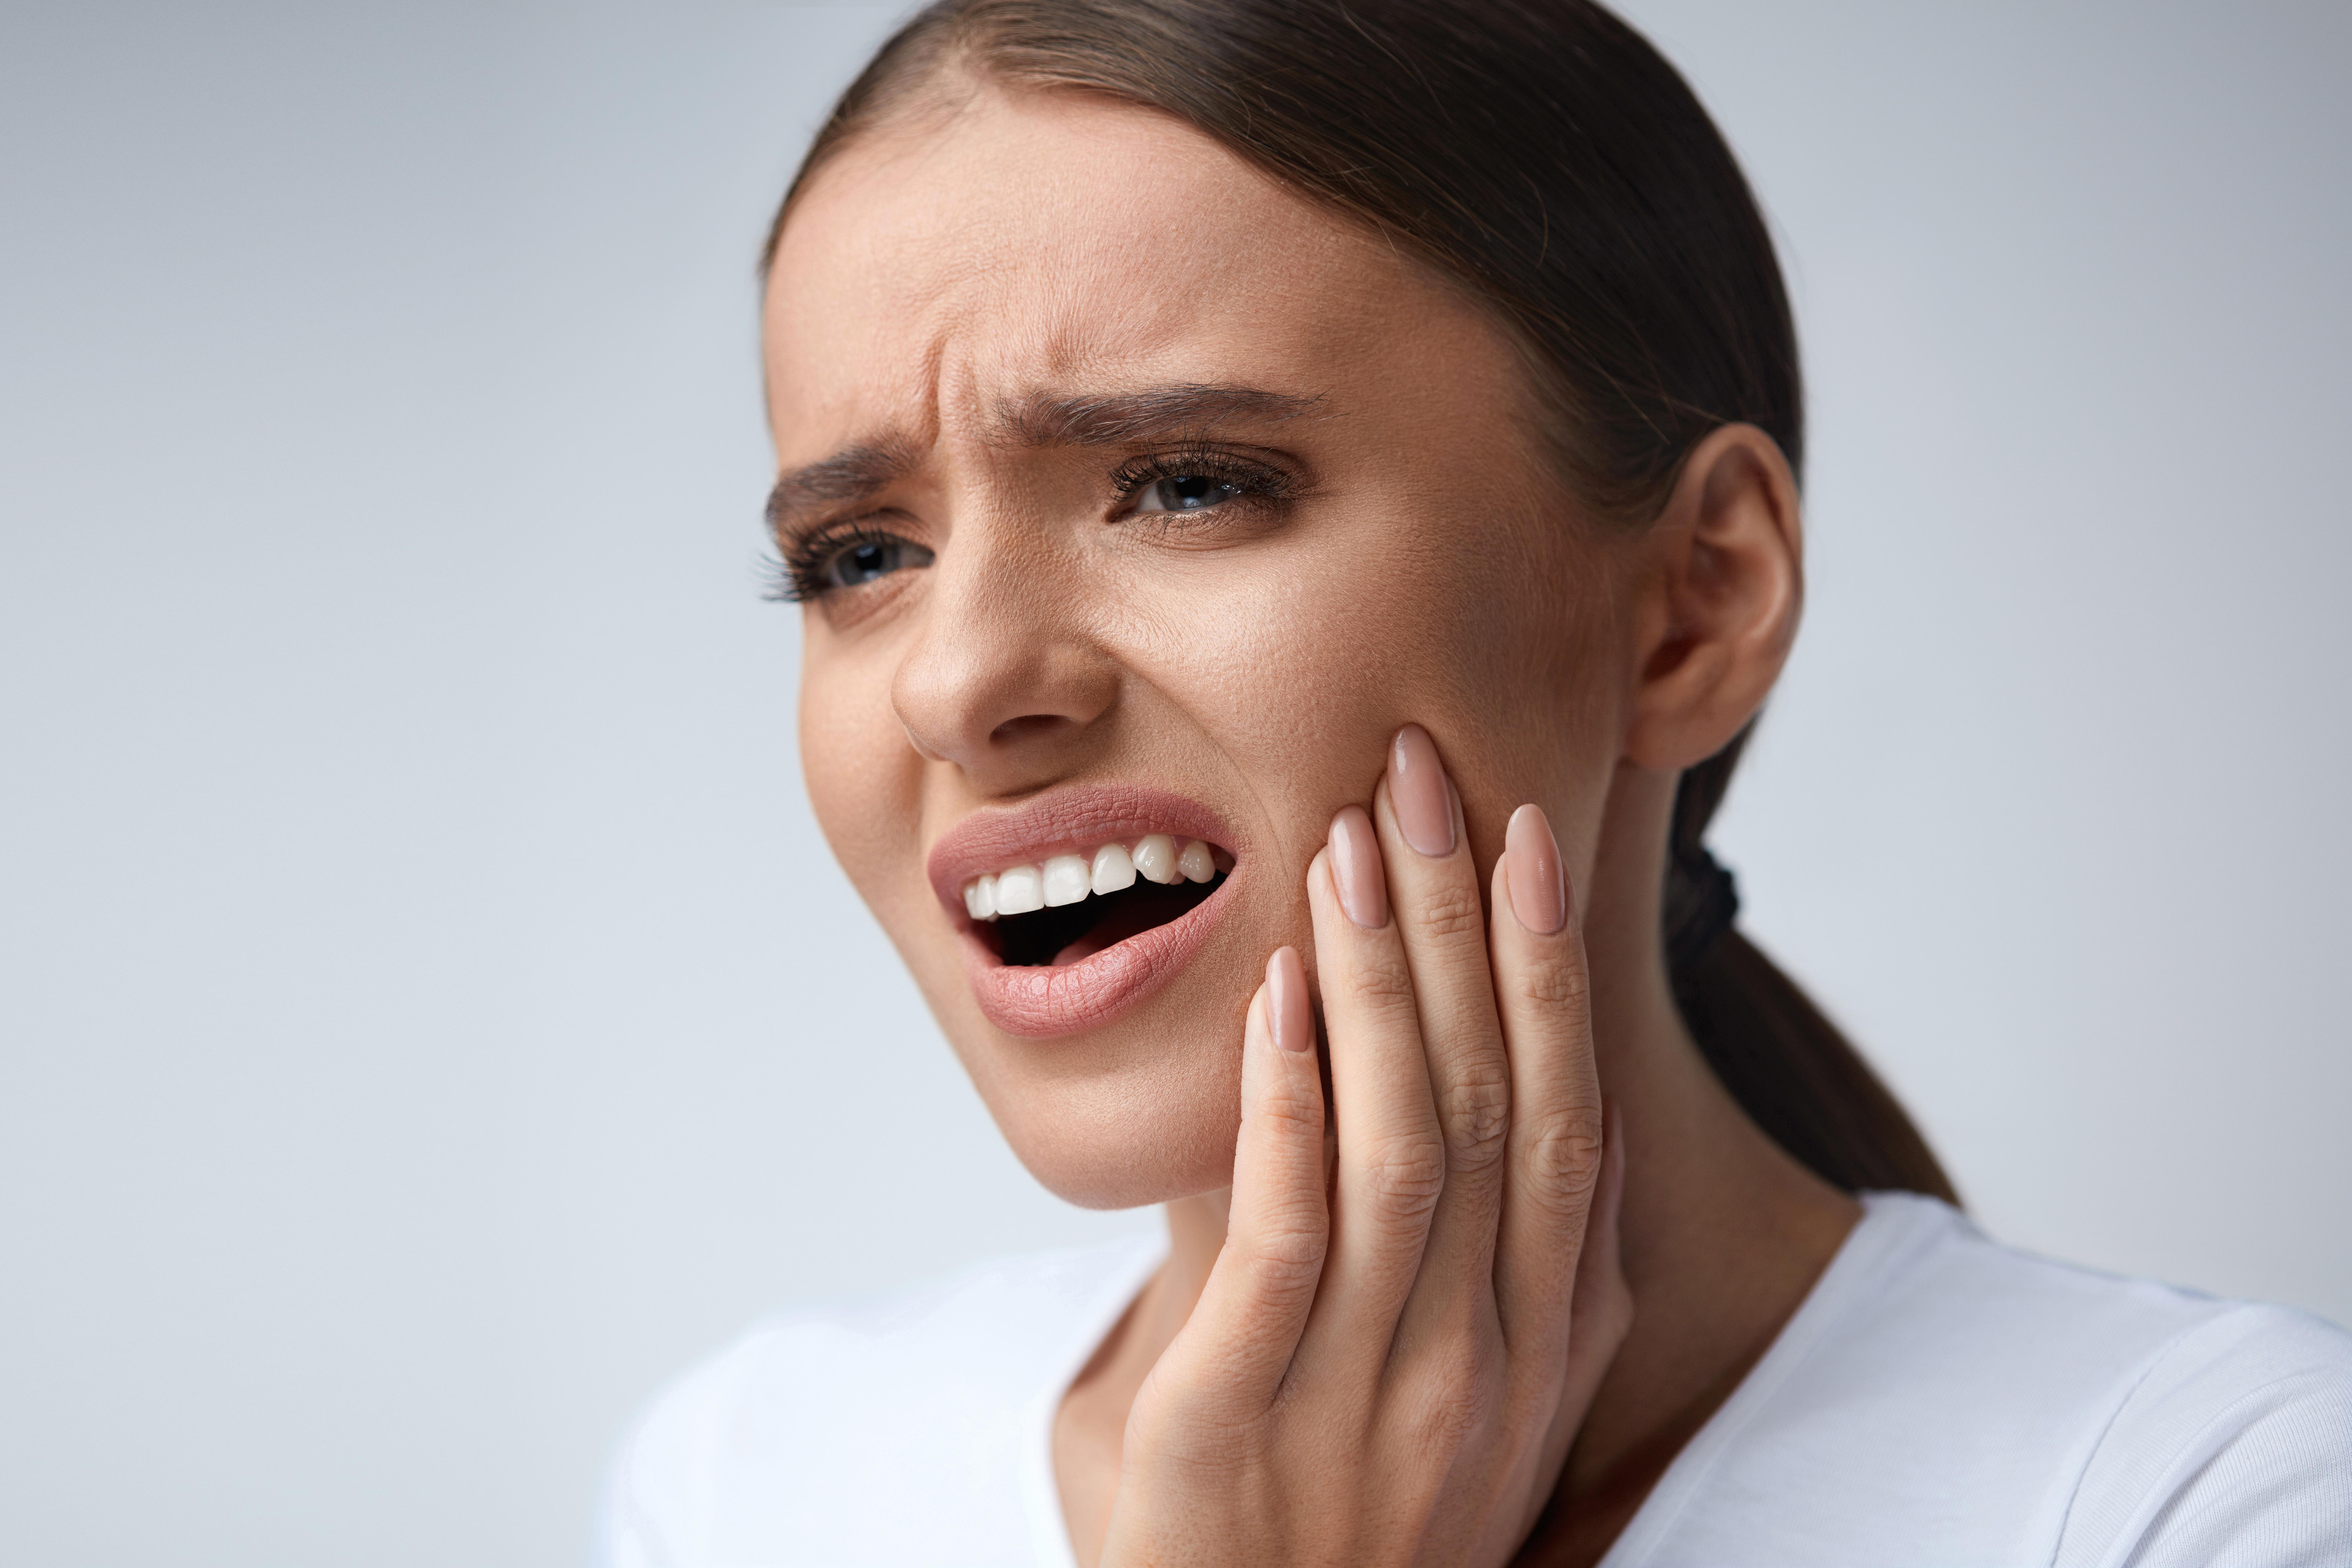 teeth smile dentist health